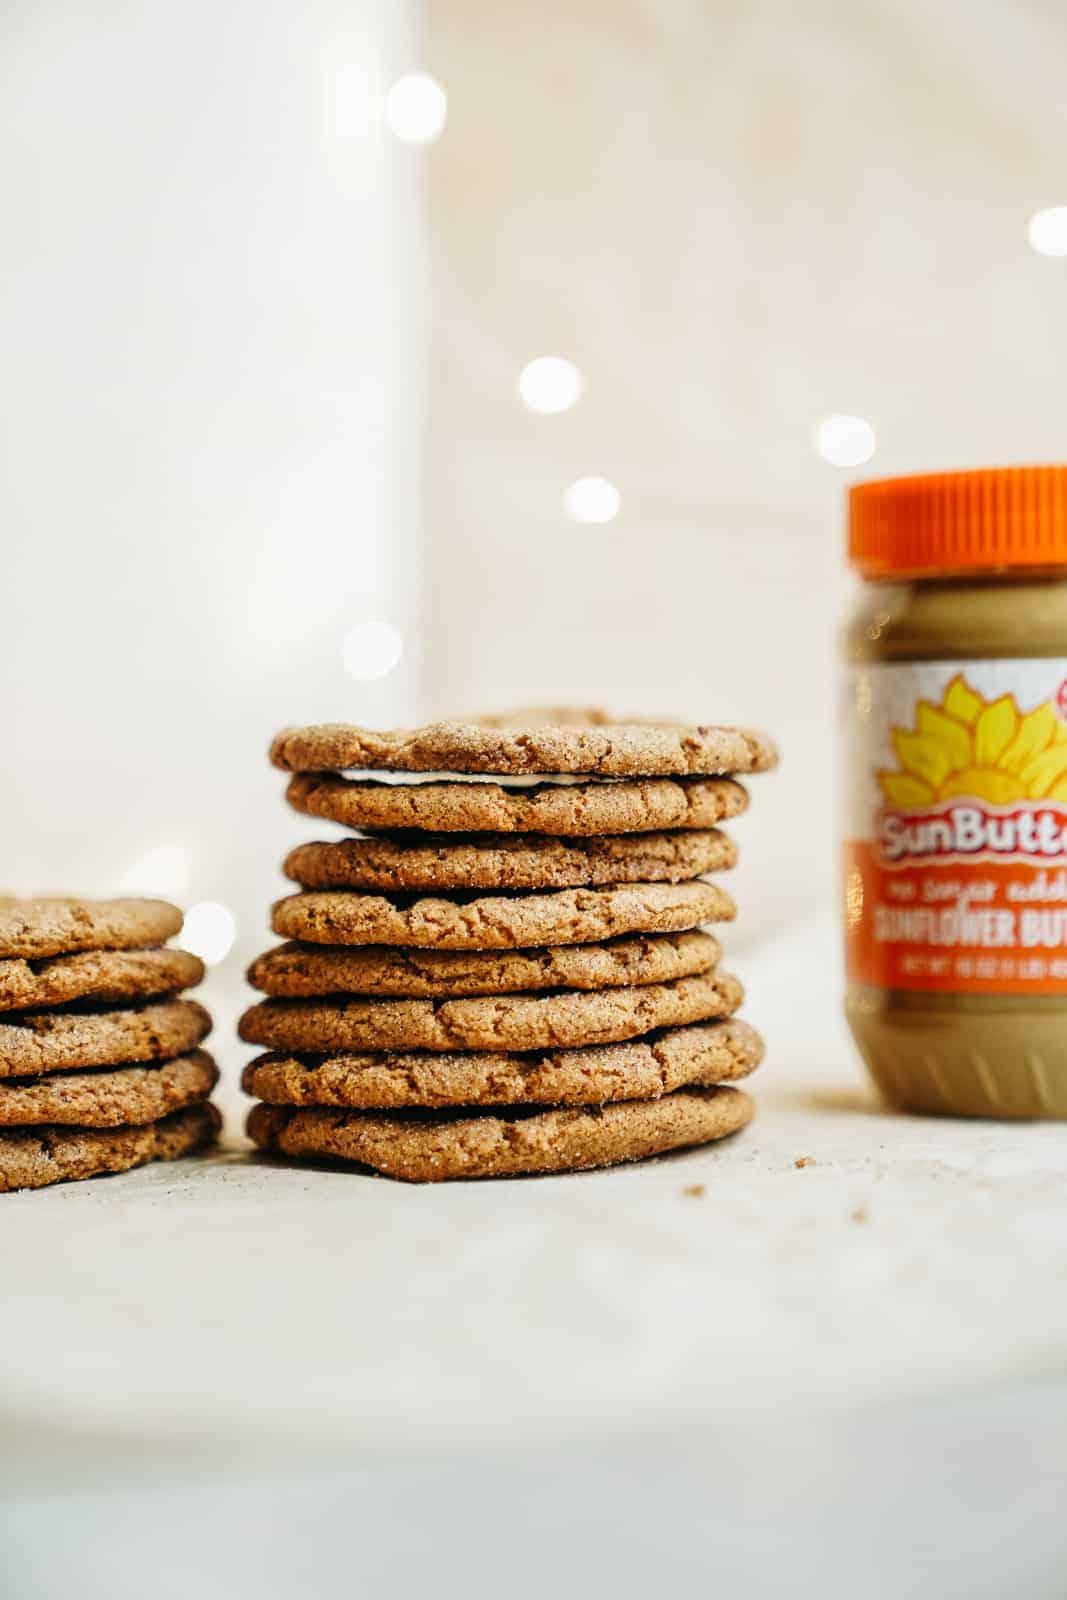 Sunbutter Cookies